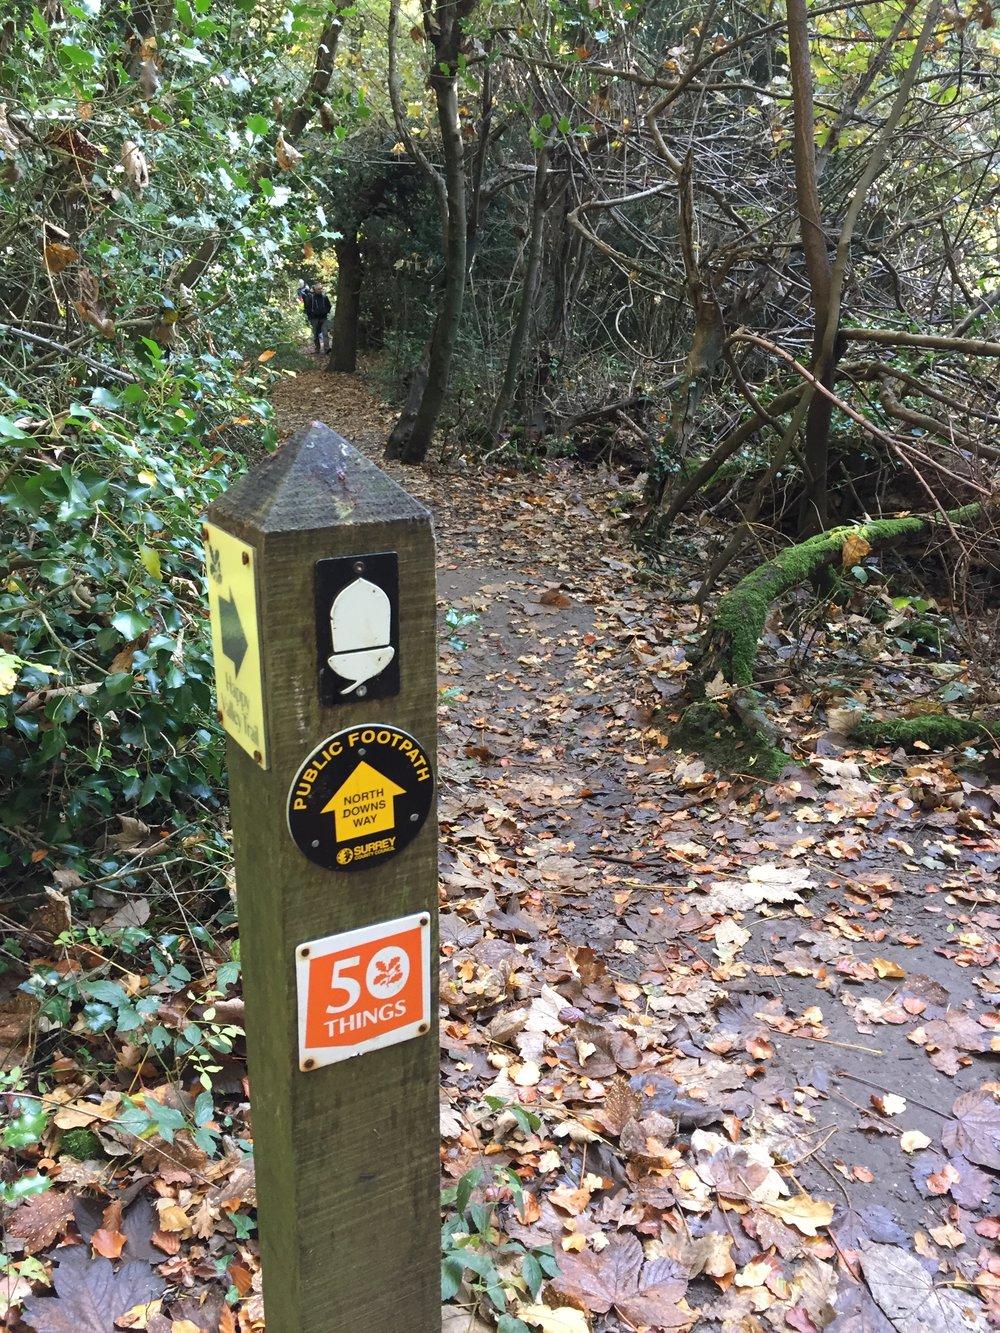 The trail awaits...